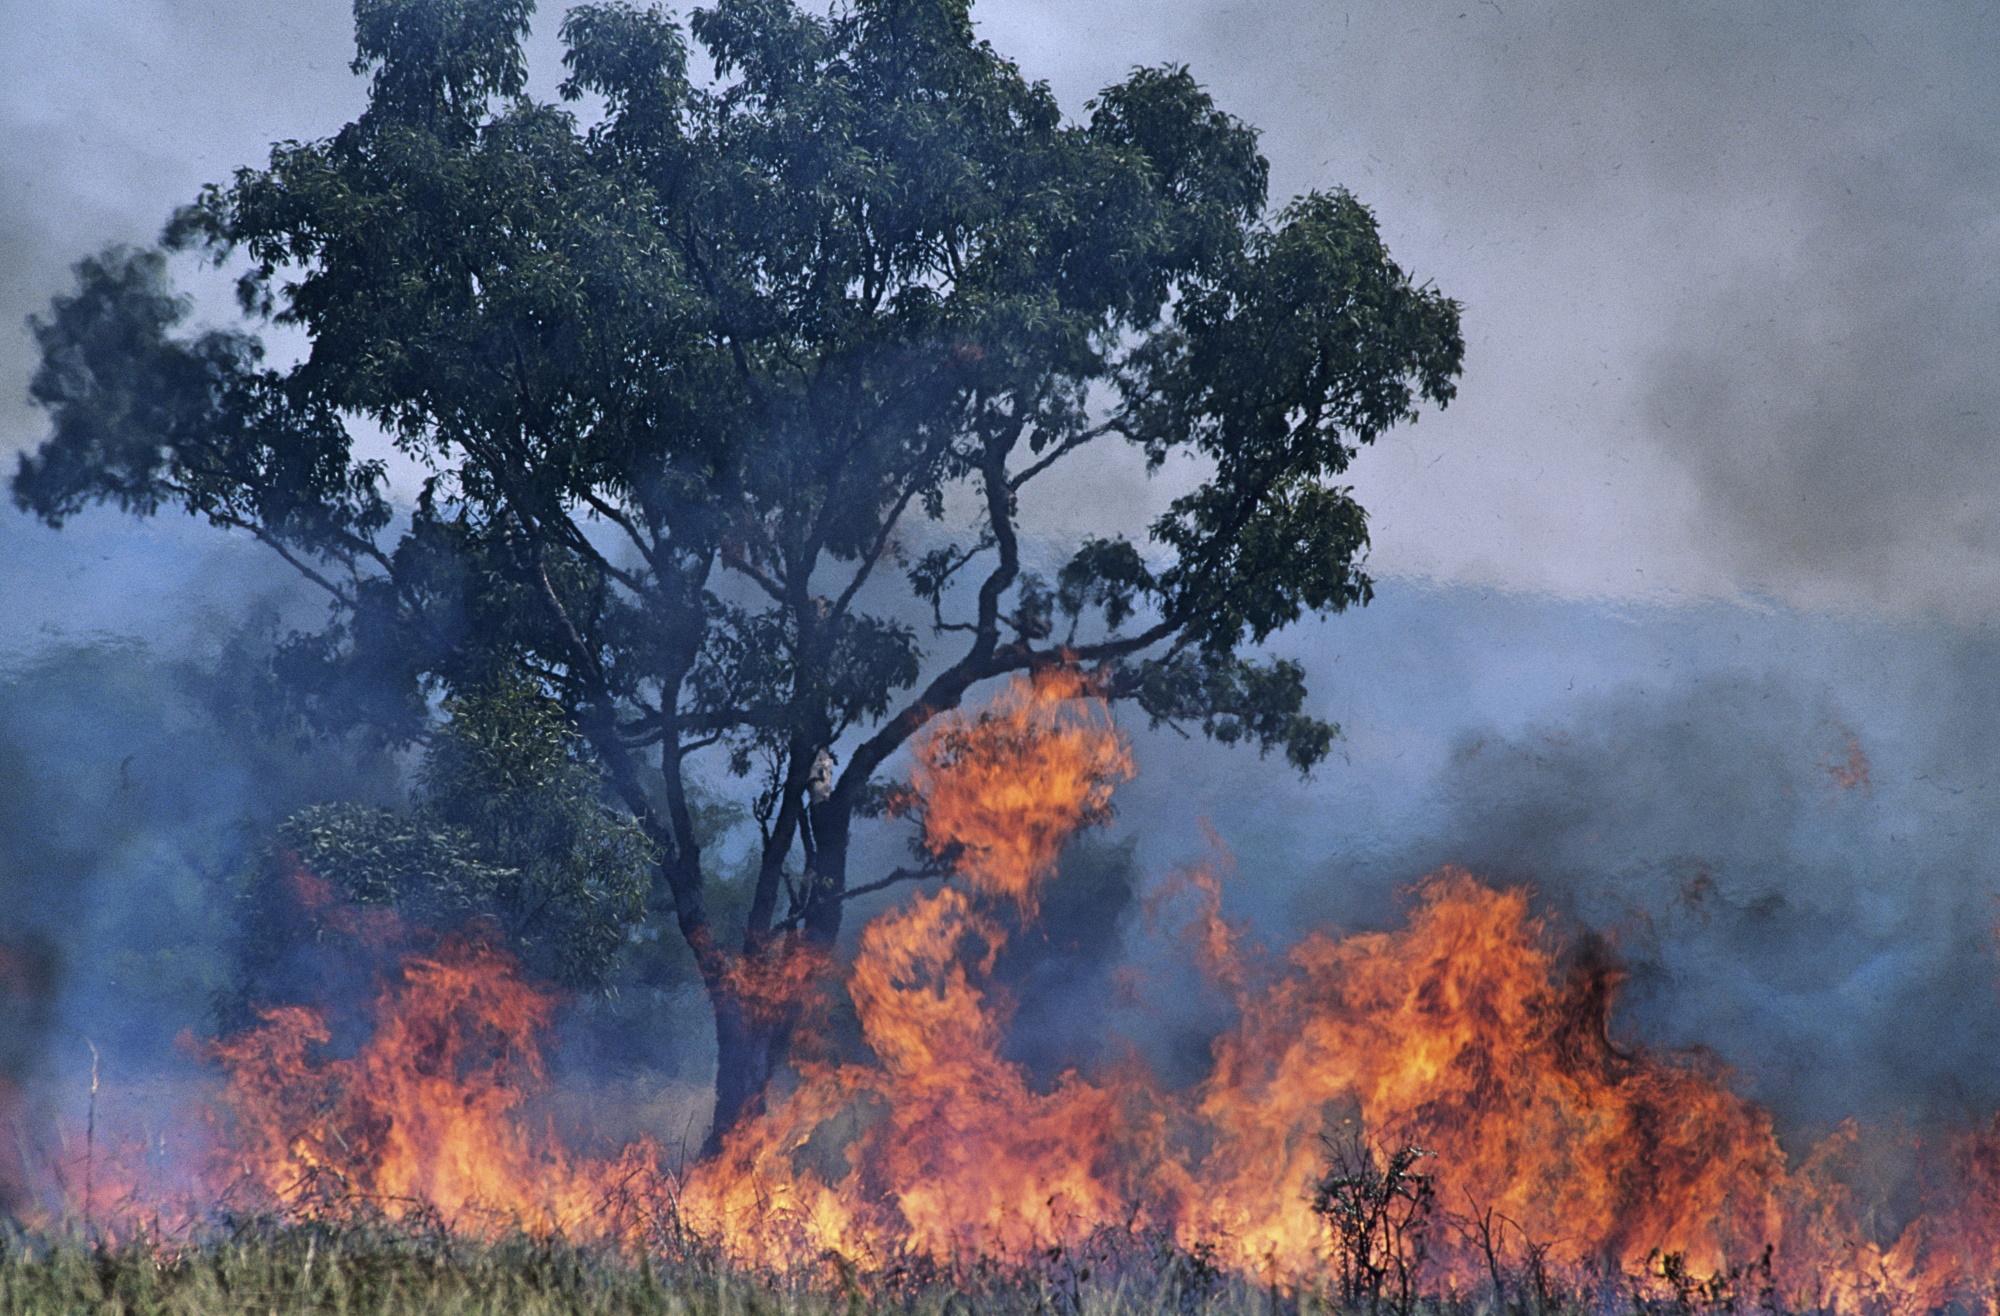 Fala upałów przekraczających 40 stopni Celsjusza spowodowała w Australii niszczące pożary buszu. Fot. Shutterstock